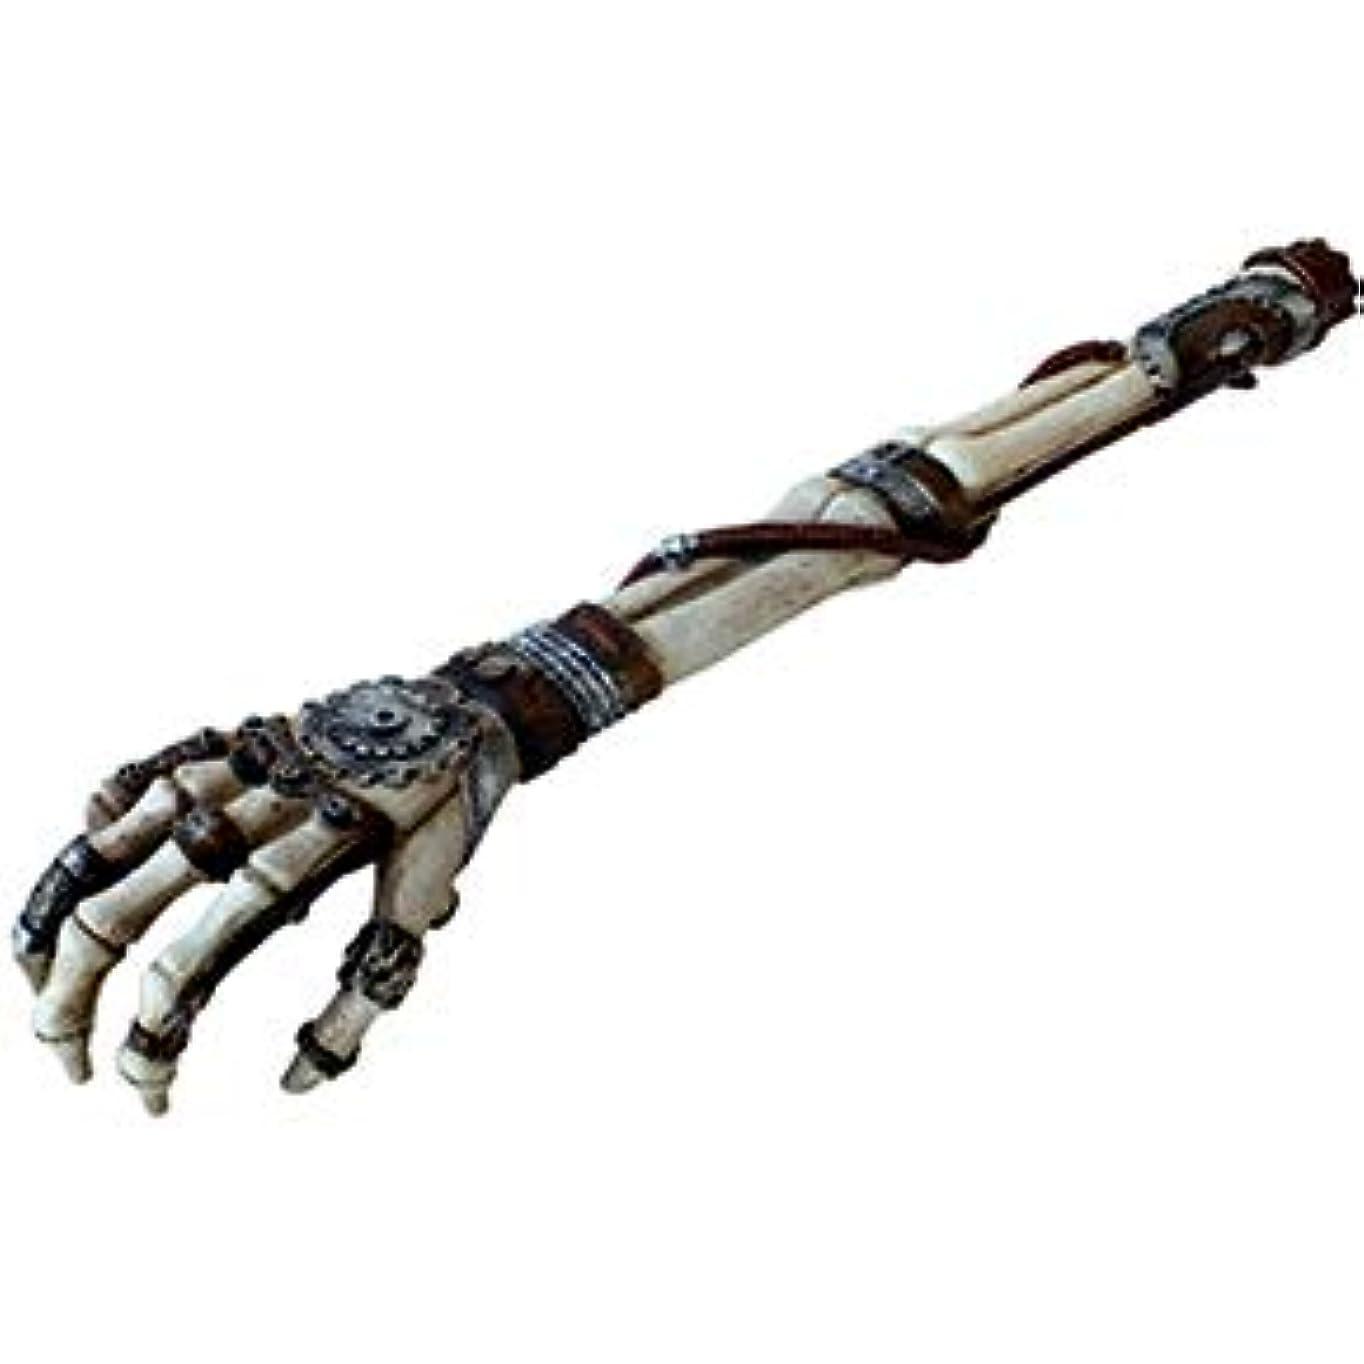 輝度アーティキュレーション波紋スチームパンクスケルトンアーム バックスクラッチャー(孫の手) Steampunk Skeleton arm back scratcher